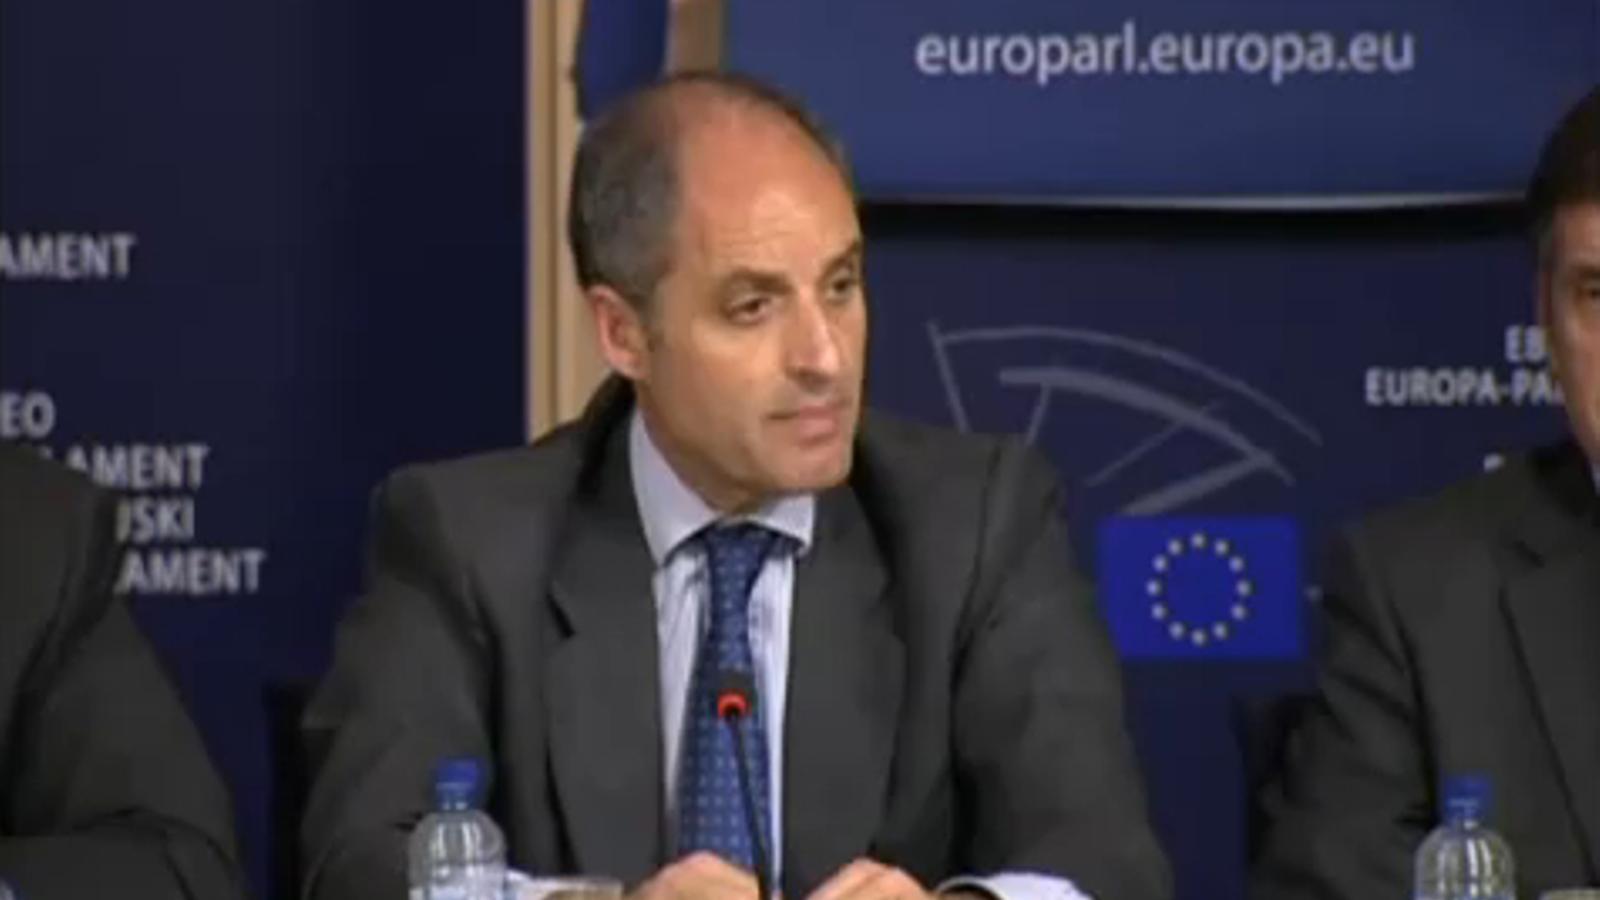 Un micròfon obert pesca un comentari de Francisco Camps: Mofar-me [de la premsa] em dóna vots